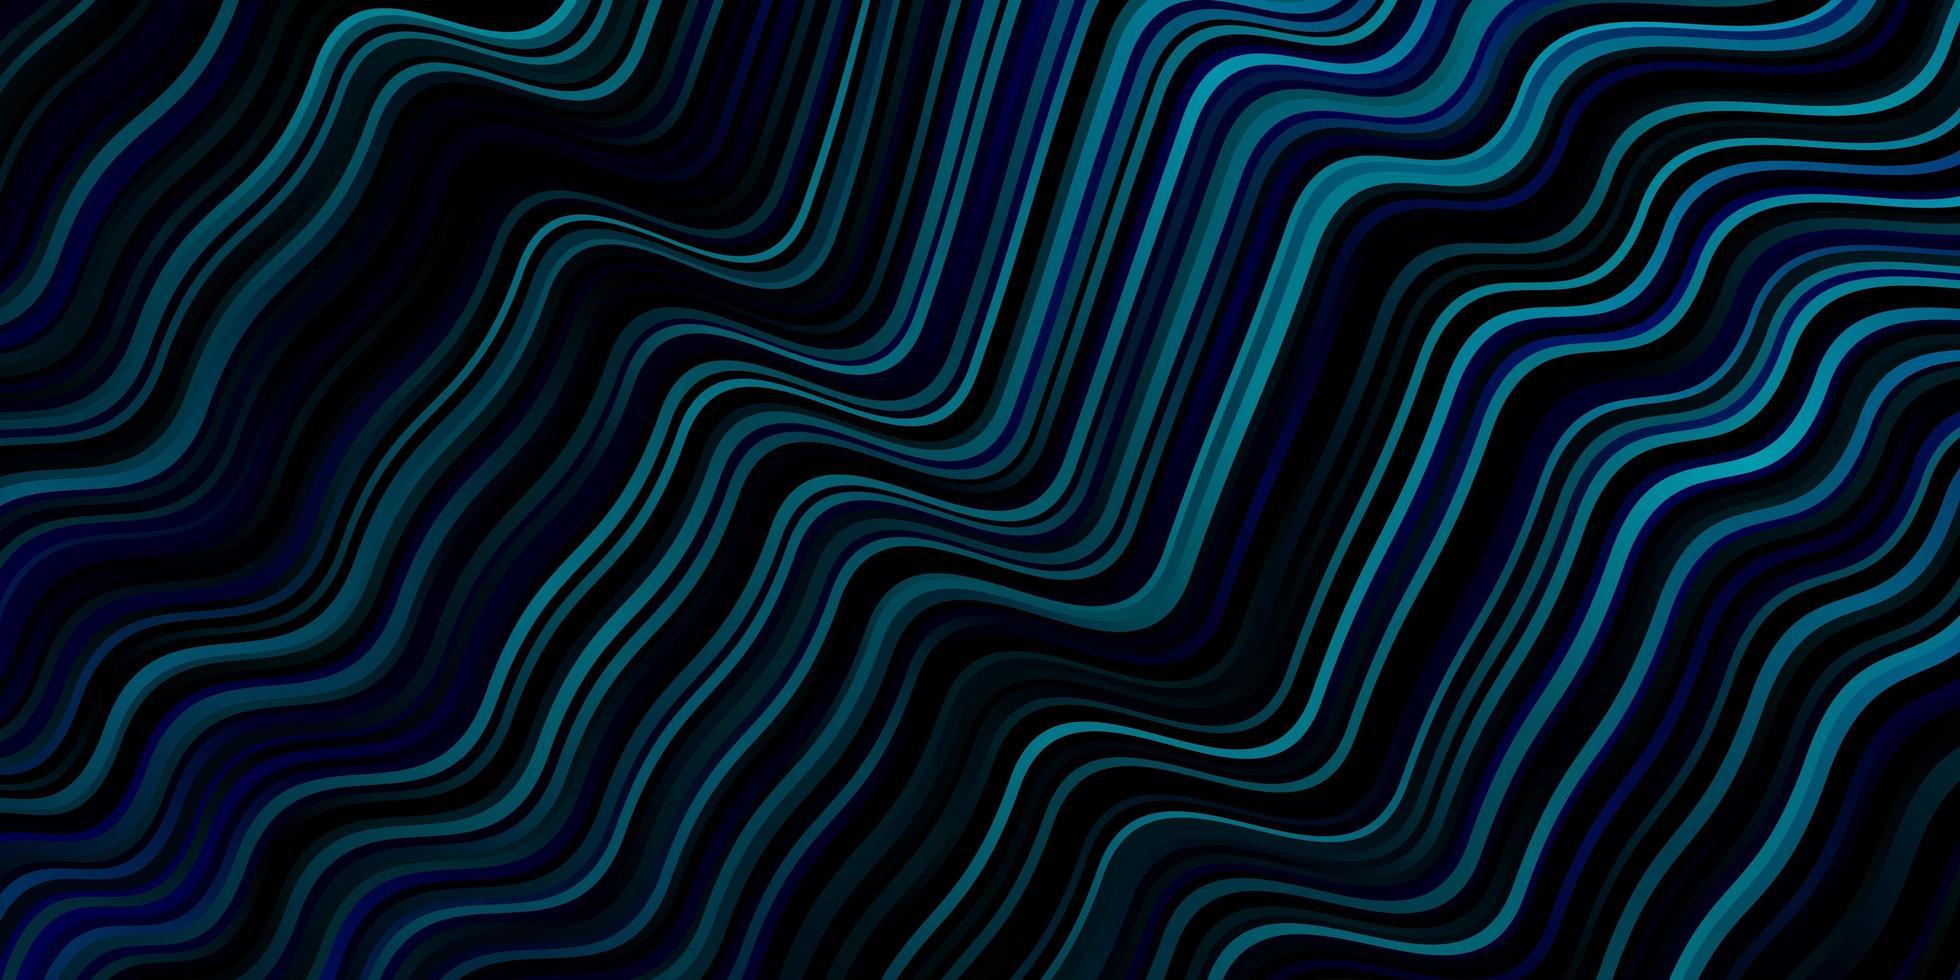 pano de fundo vector azul escuro com linhas dobradas.